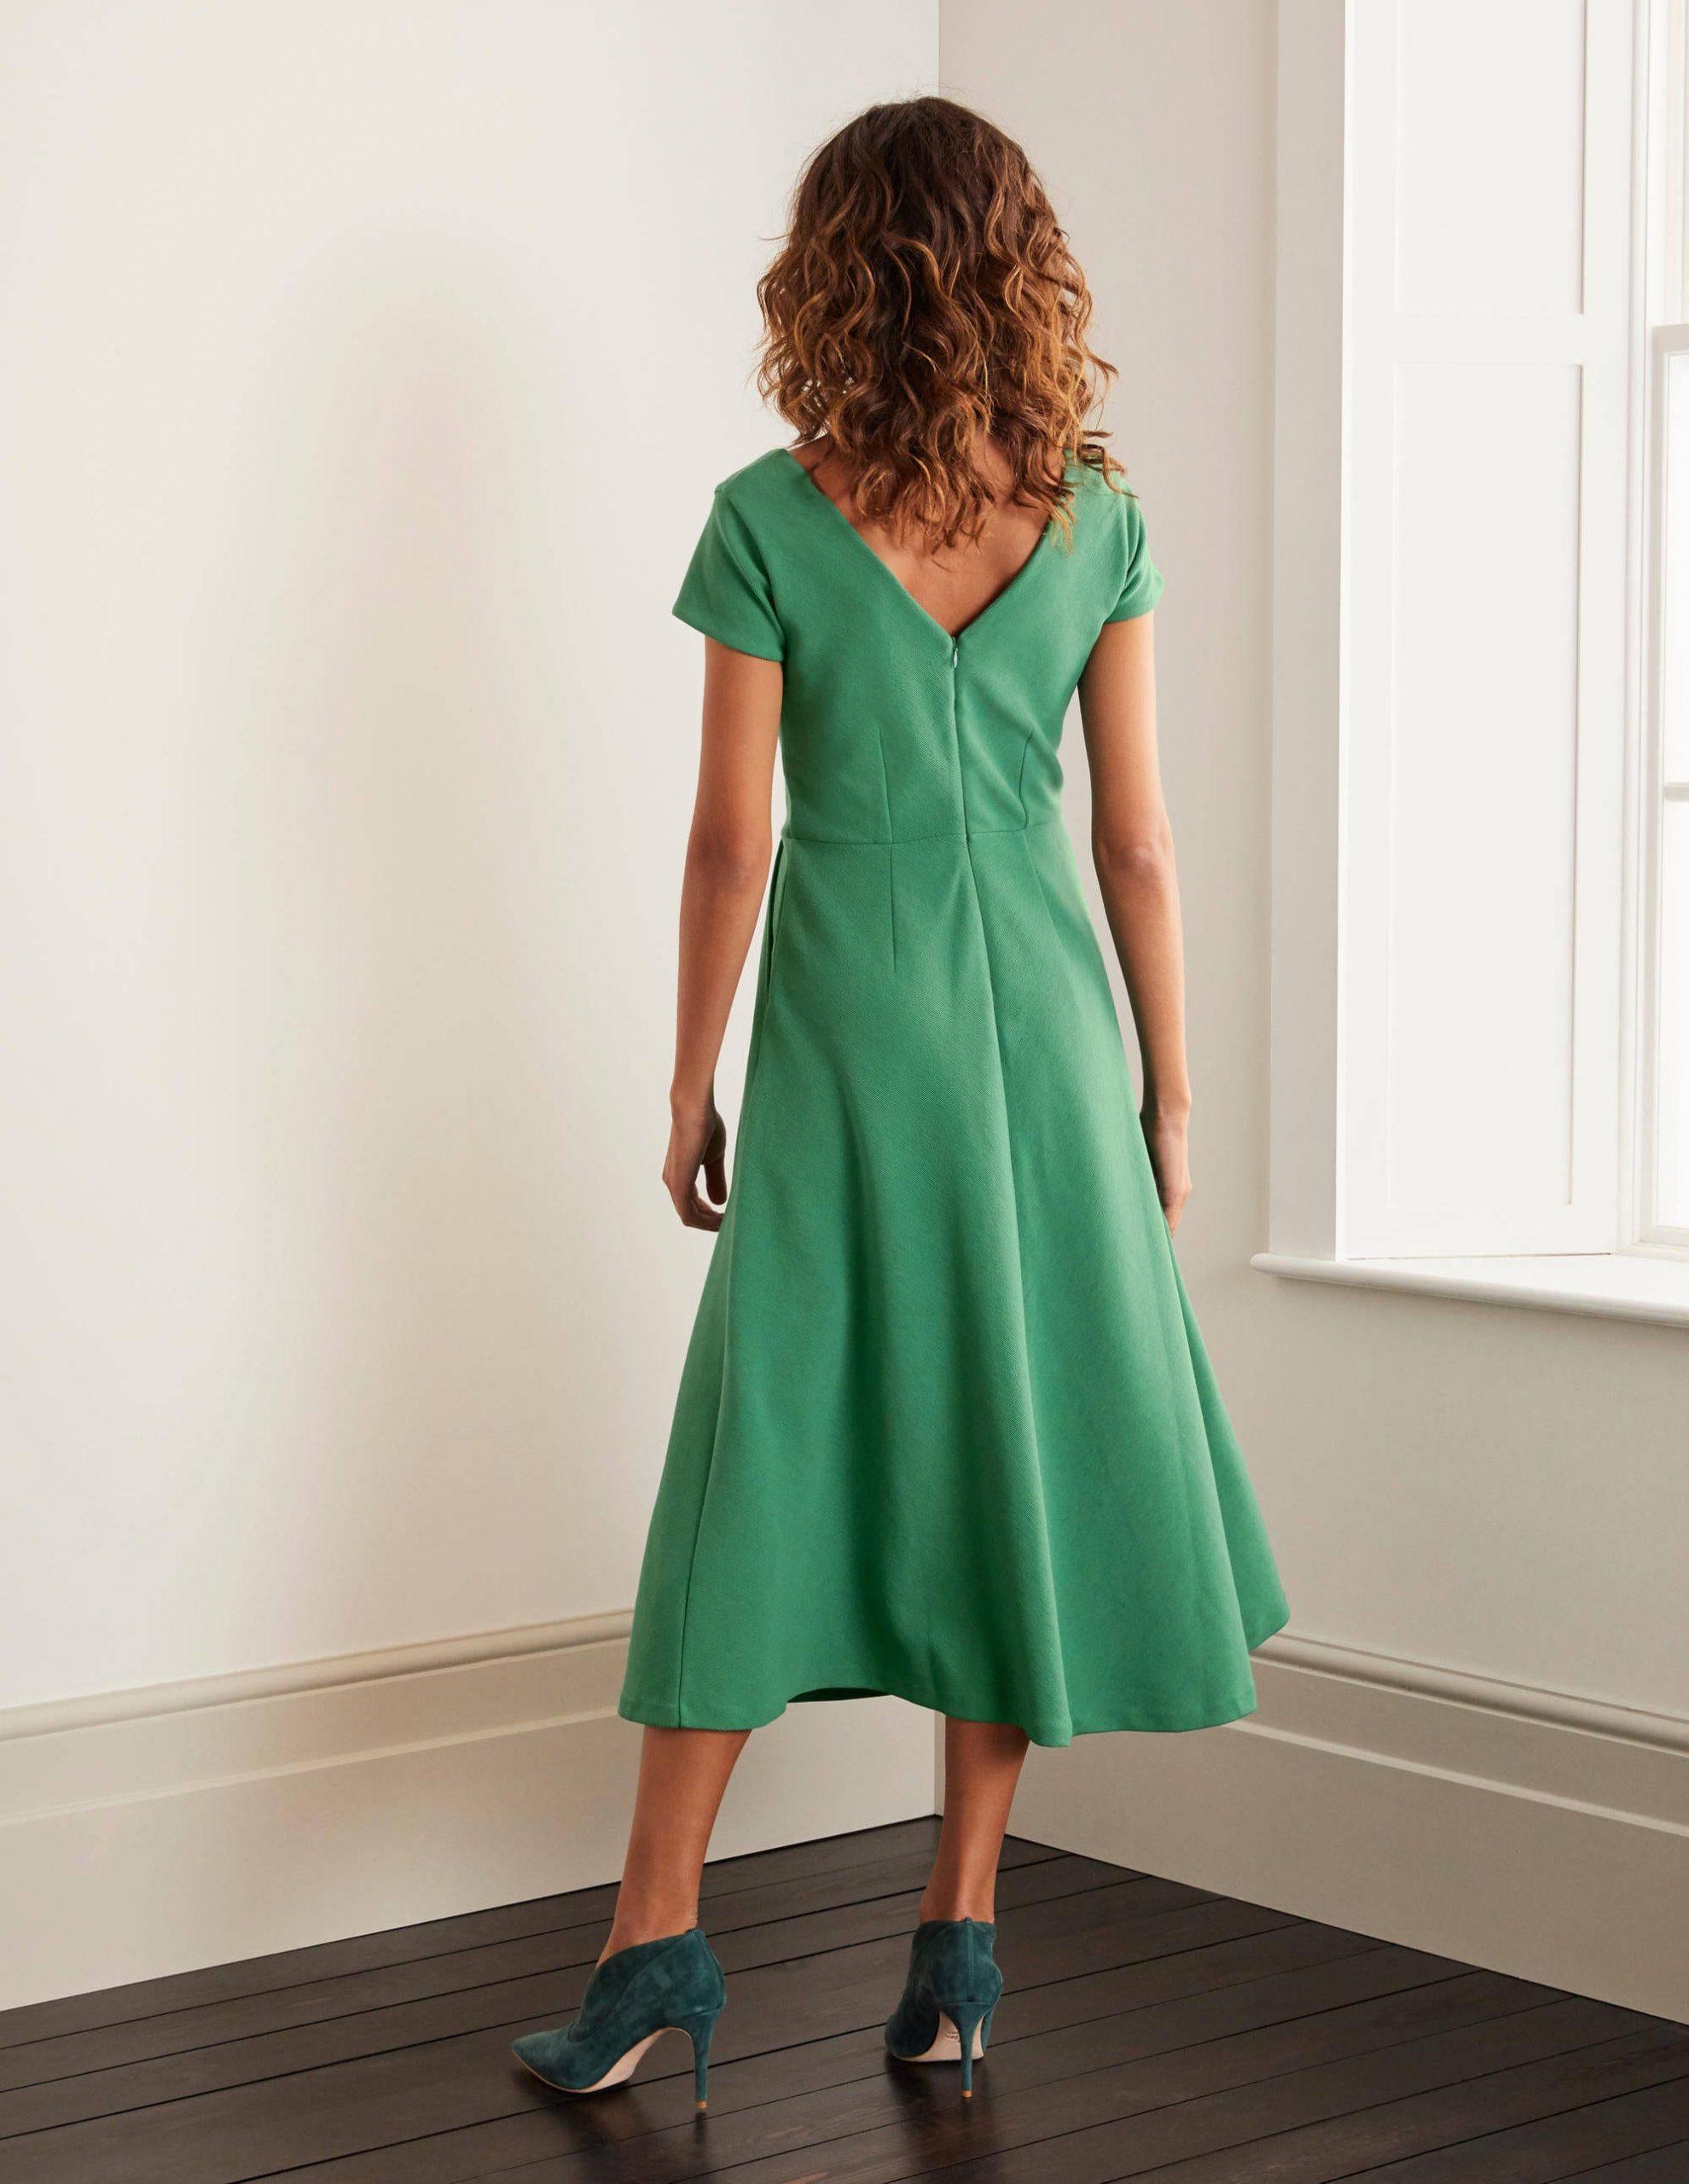 Belle Ottomankleid Mit Vausschnitt  Salbeigrün  Boden De